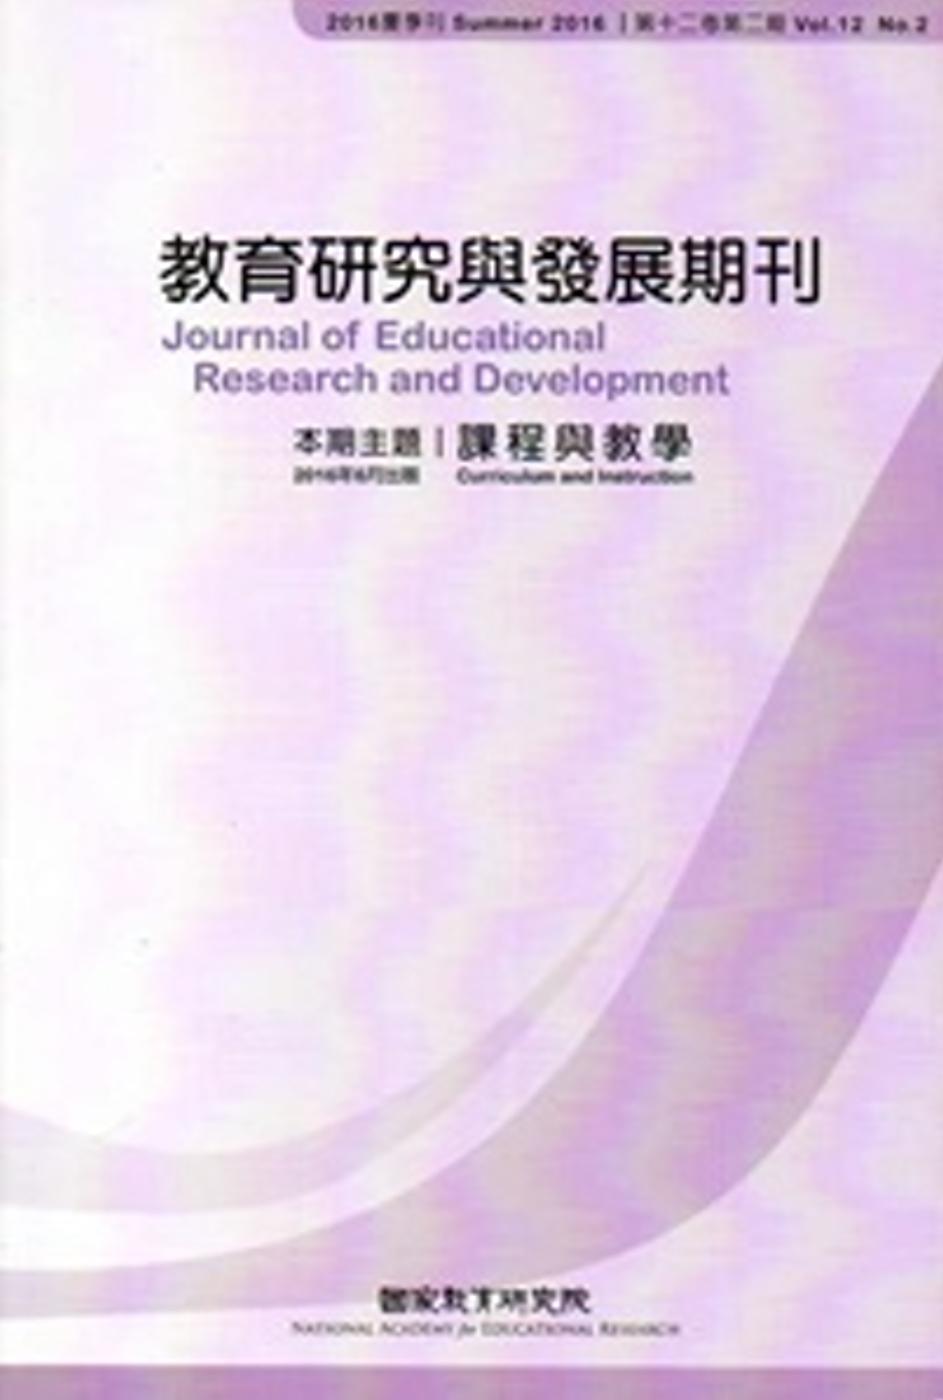 教育研究與發展期刊第12卷2期(105年夏季刊)